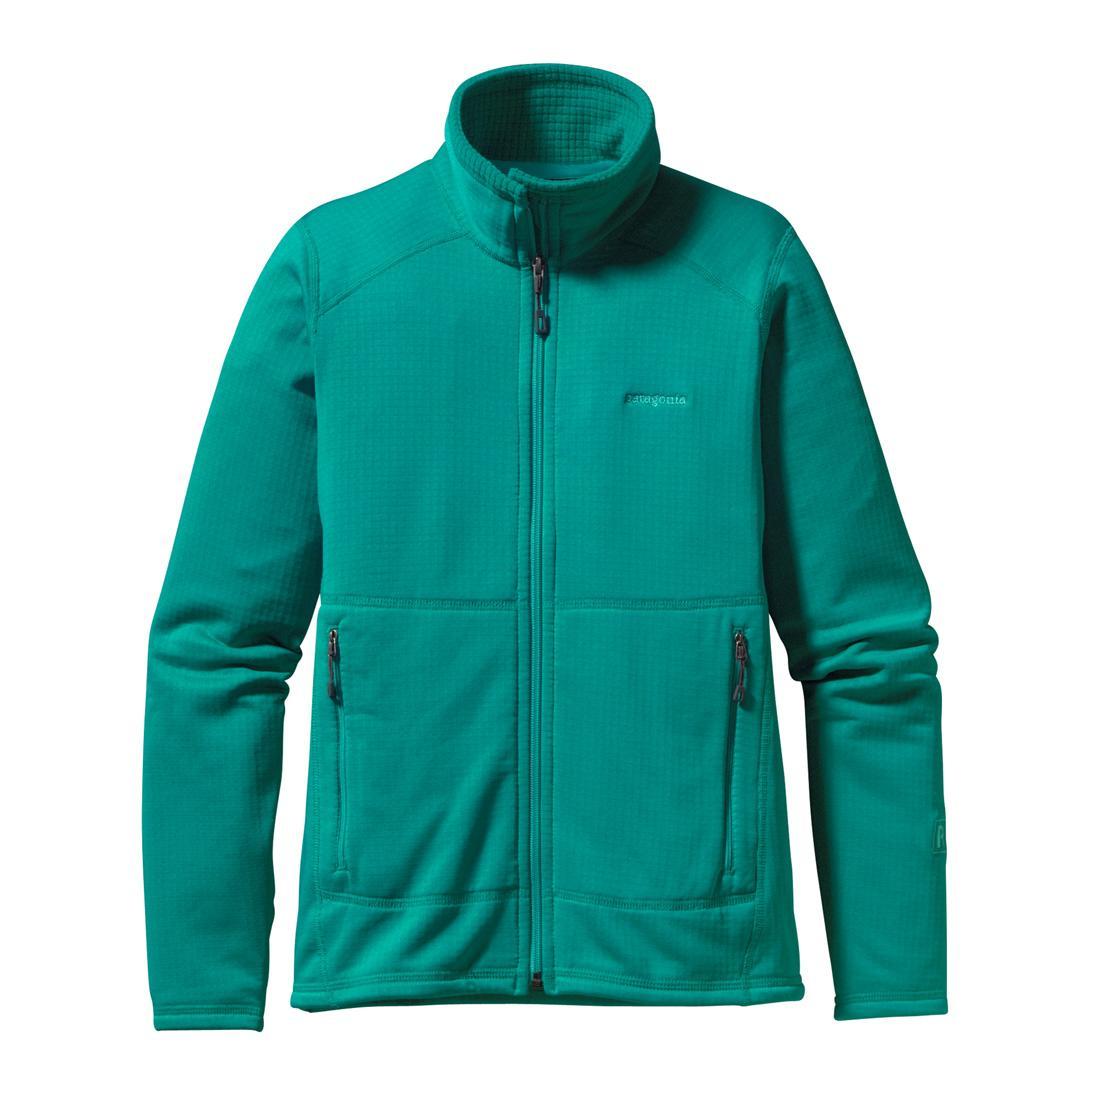 Куртка 40136 R1 FULL-ZIP жен.Куртки<br><br>Женская куртка Patagonia R1 FULL-ZIP изготовлена из мягкого и теплого флиса и может надеваться как отдельно, так и в качестве дополнительного уте...<br><br>Цвет: Цвет морской волны<br>Размер: L